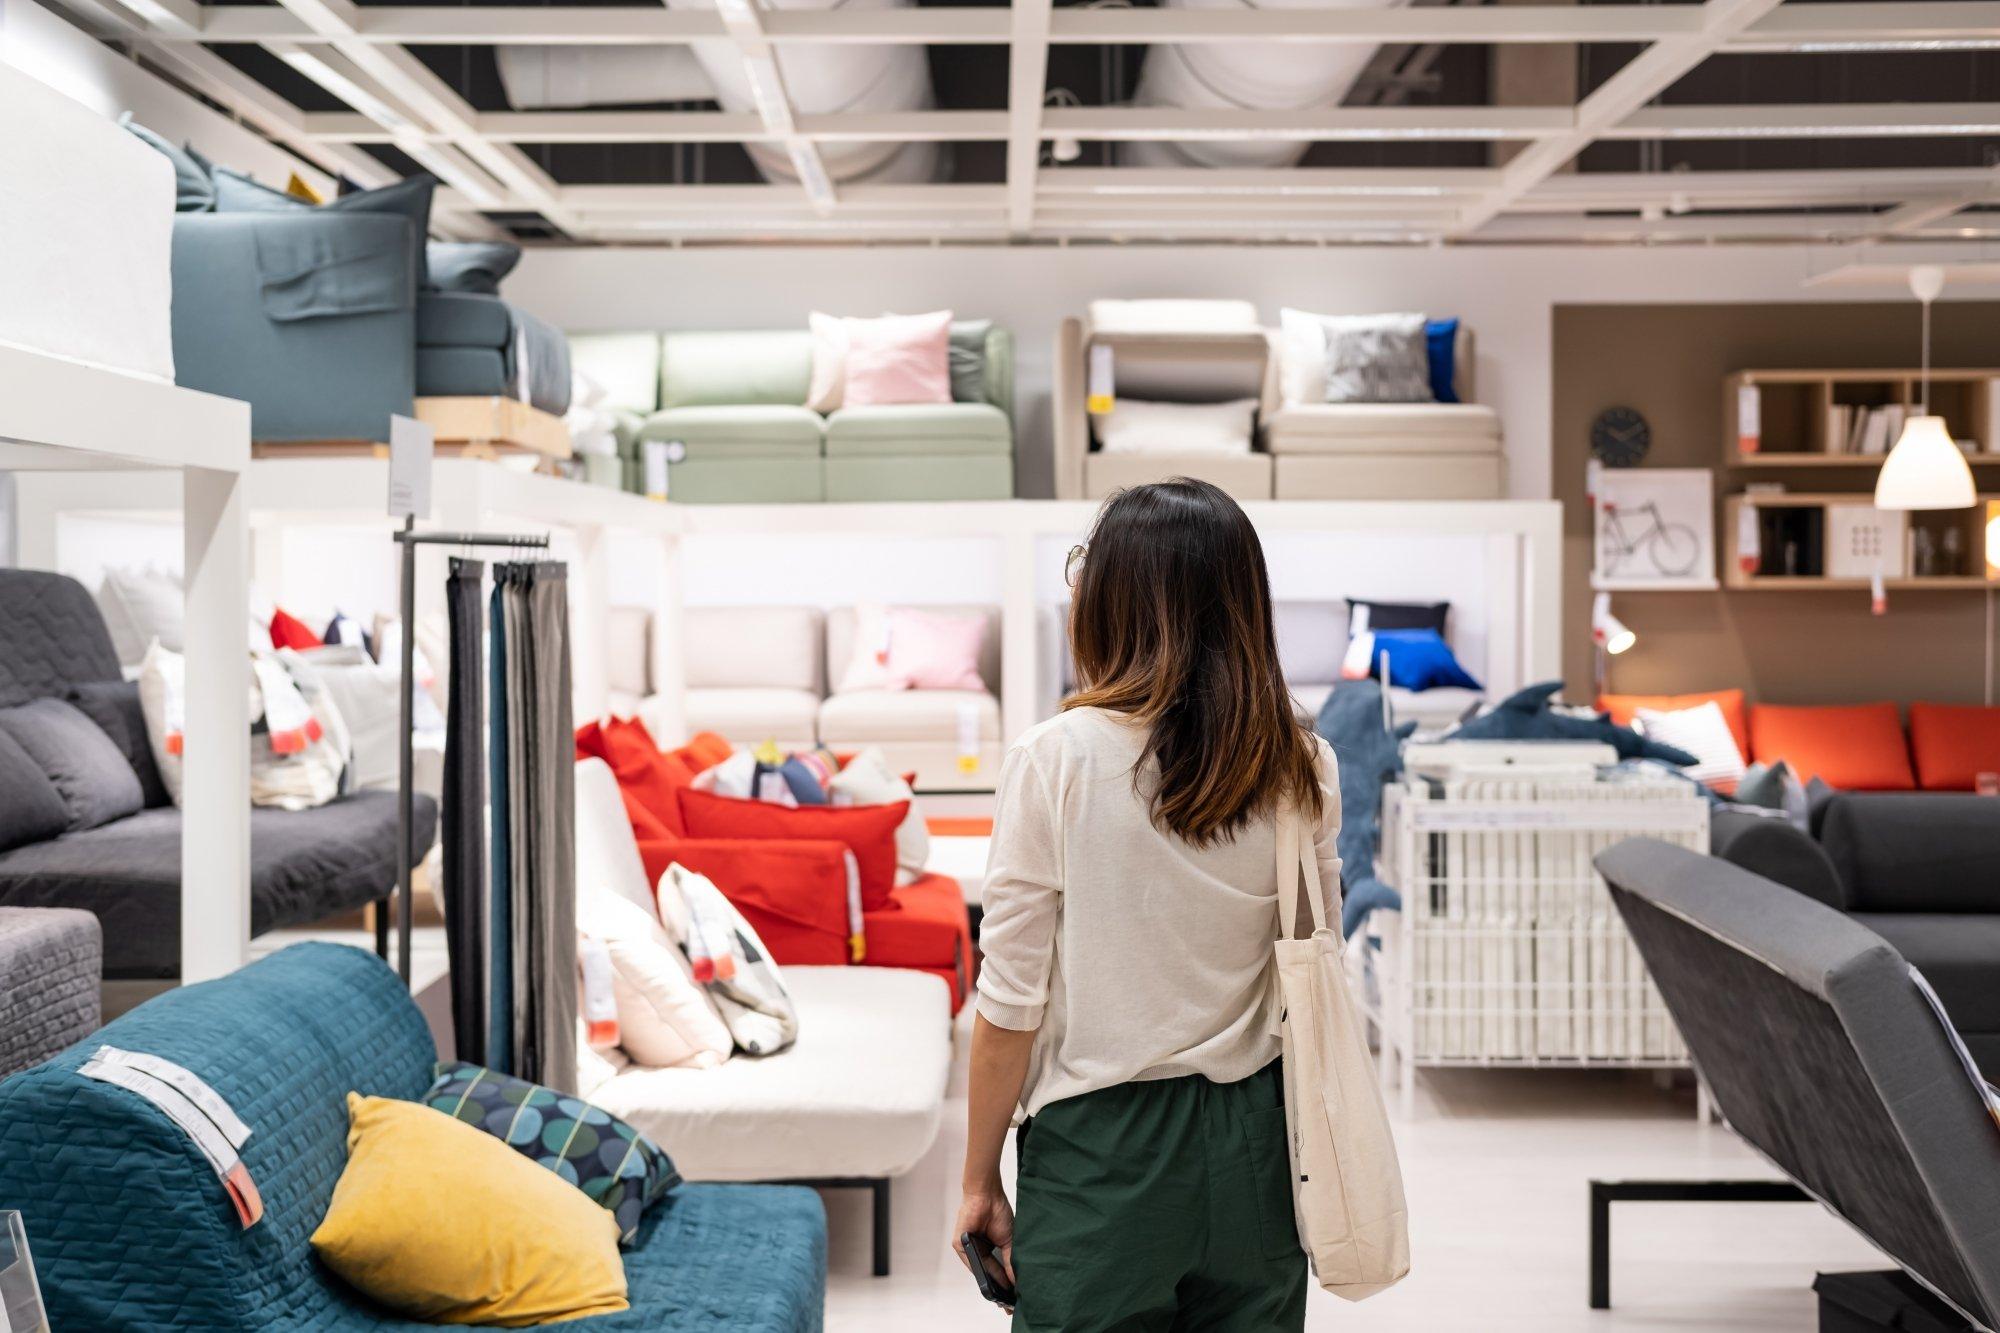 Choisir Un Canapé Densité 5 conseils pour choisir son canapé